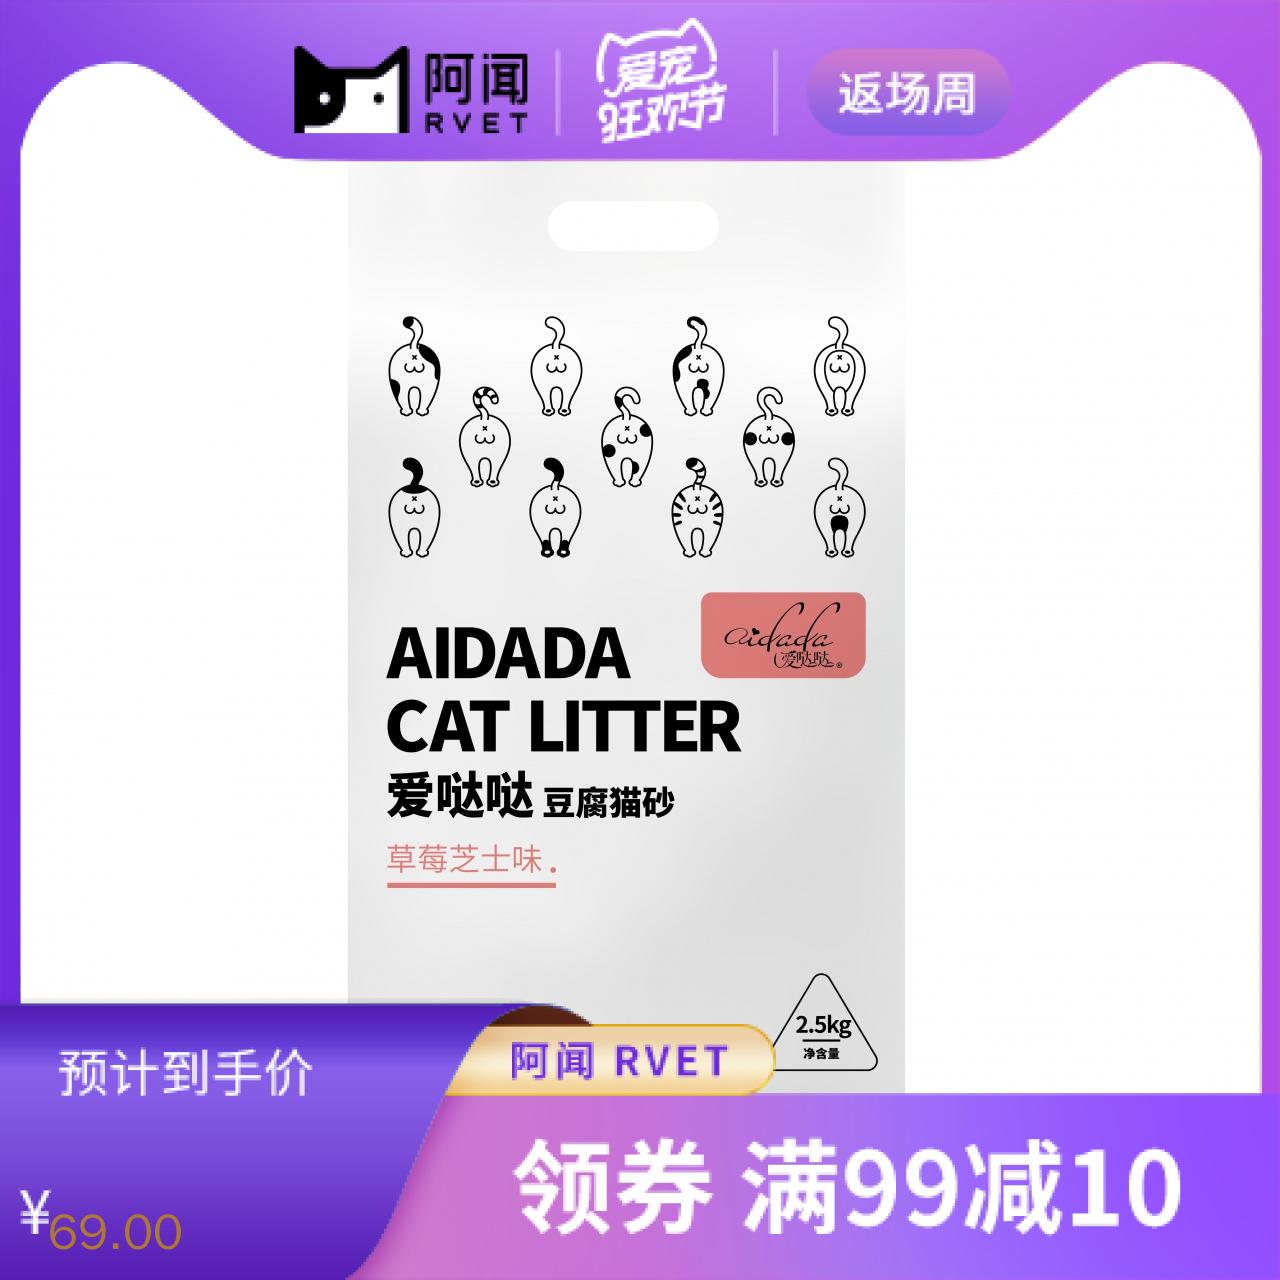 爱哒哒芝士草莓味豆腐猫砂 2.5kg*6袋